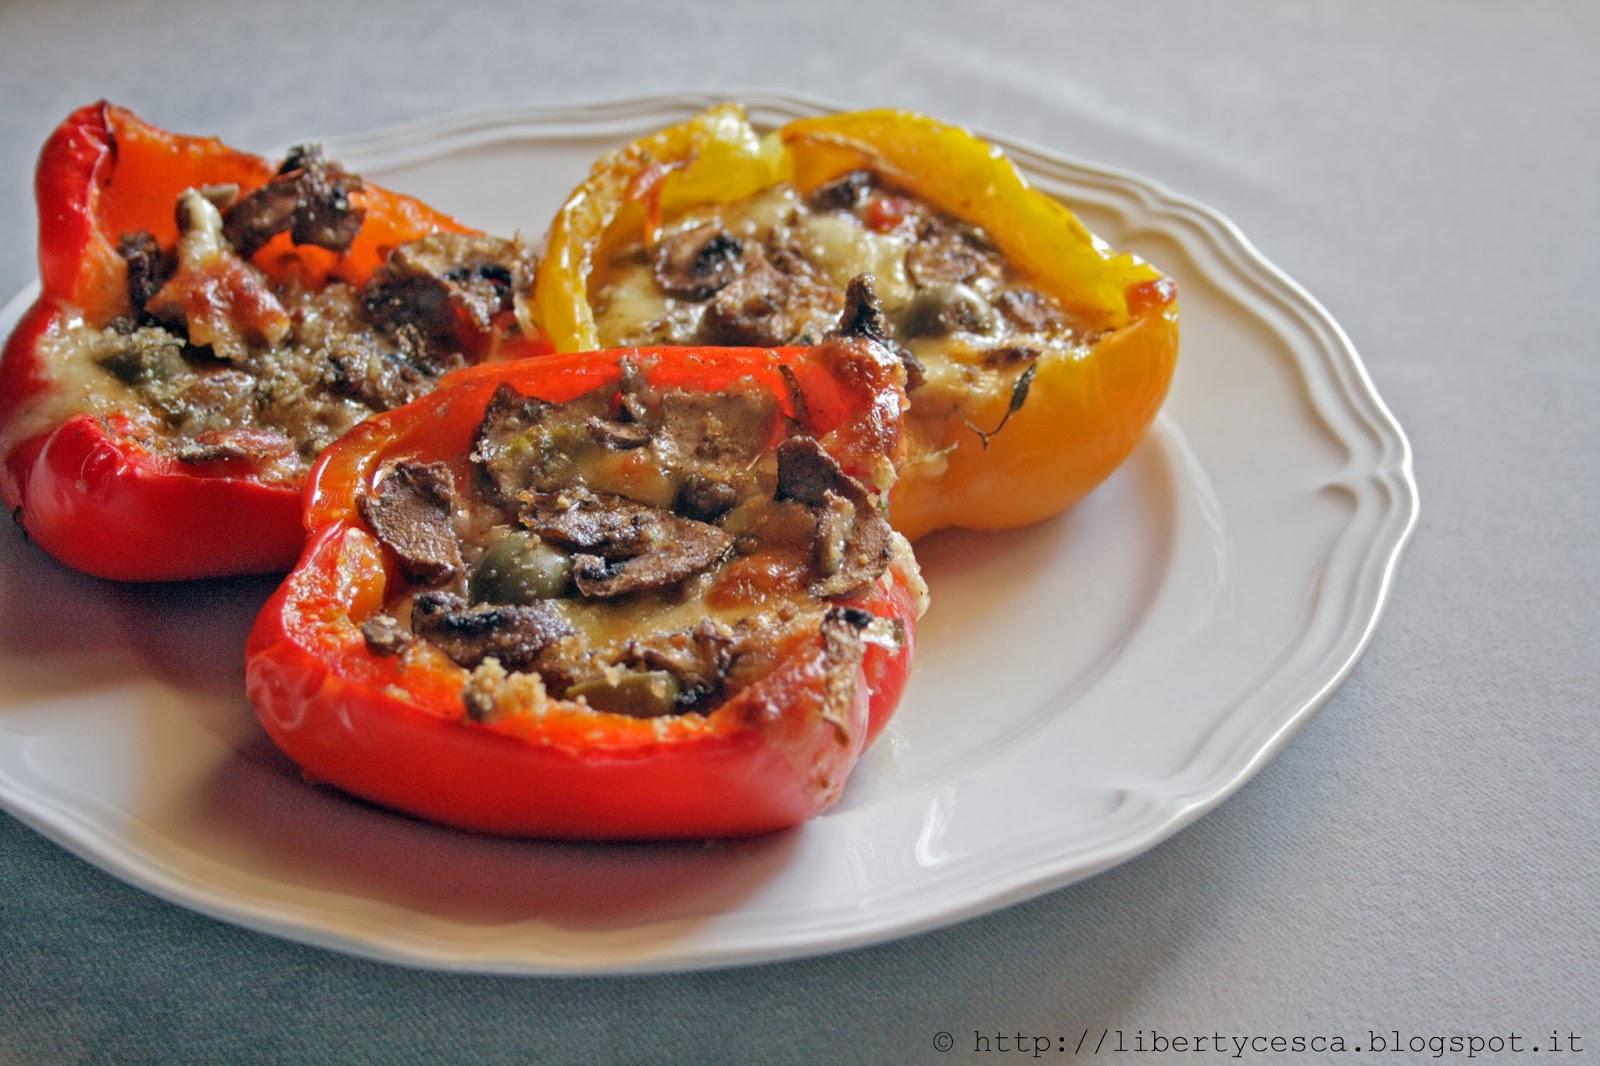 peperoni ripieni / stuffed peppers